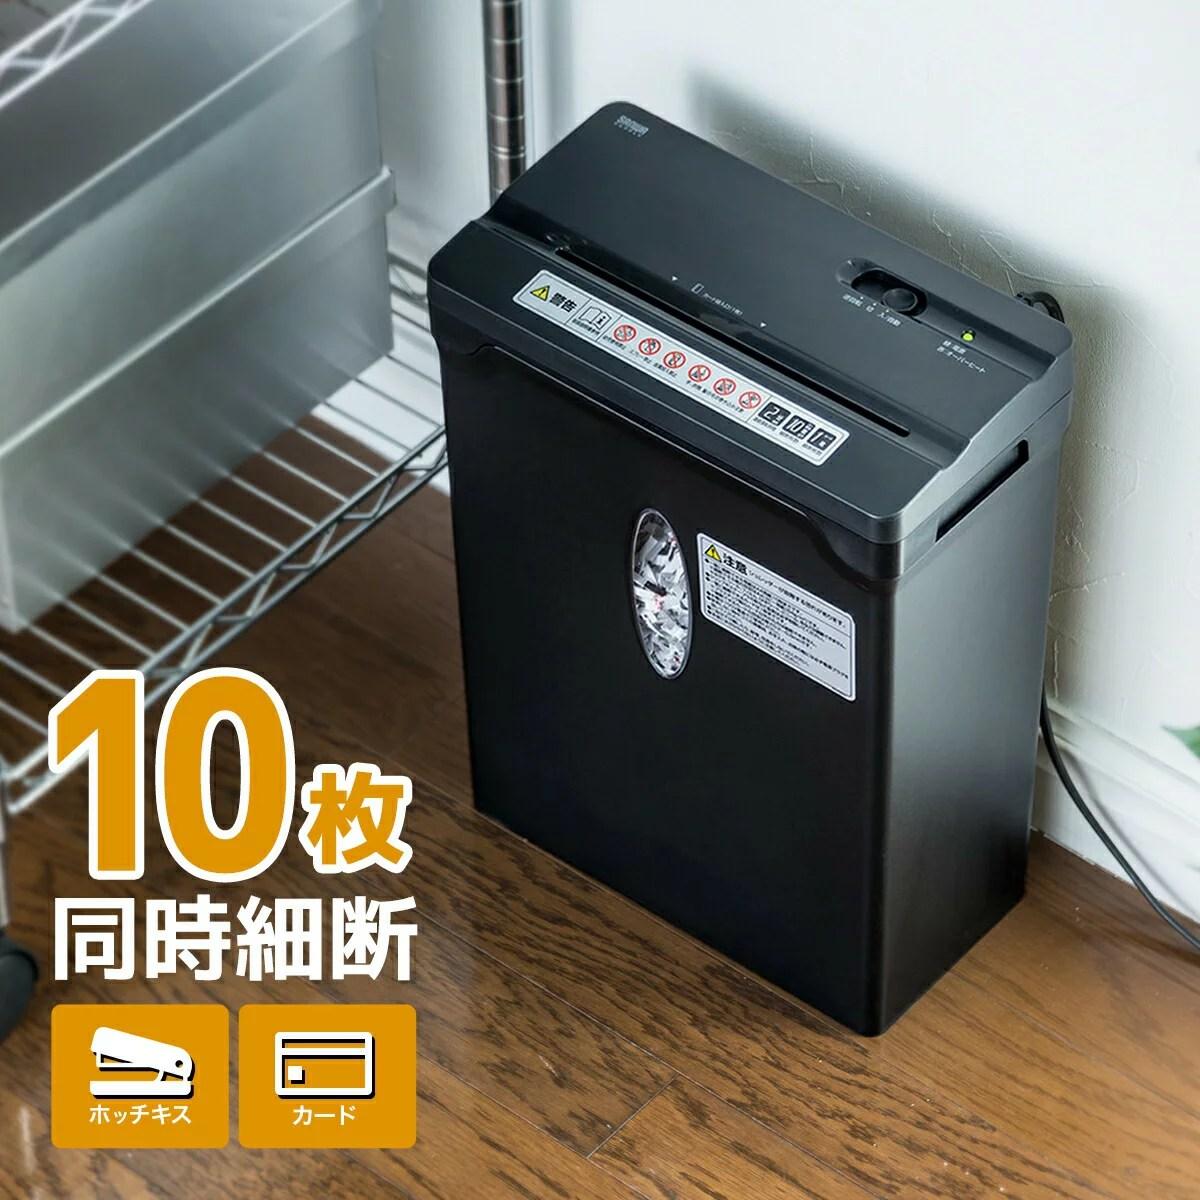 シュレッダー 電動 クロスカット 10枚細断 家庭用 ブラック A4 ホッチキス カード対応 コンパ